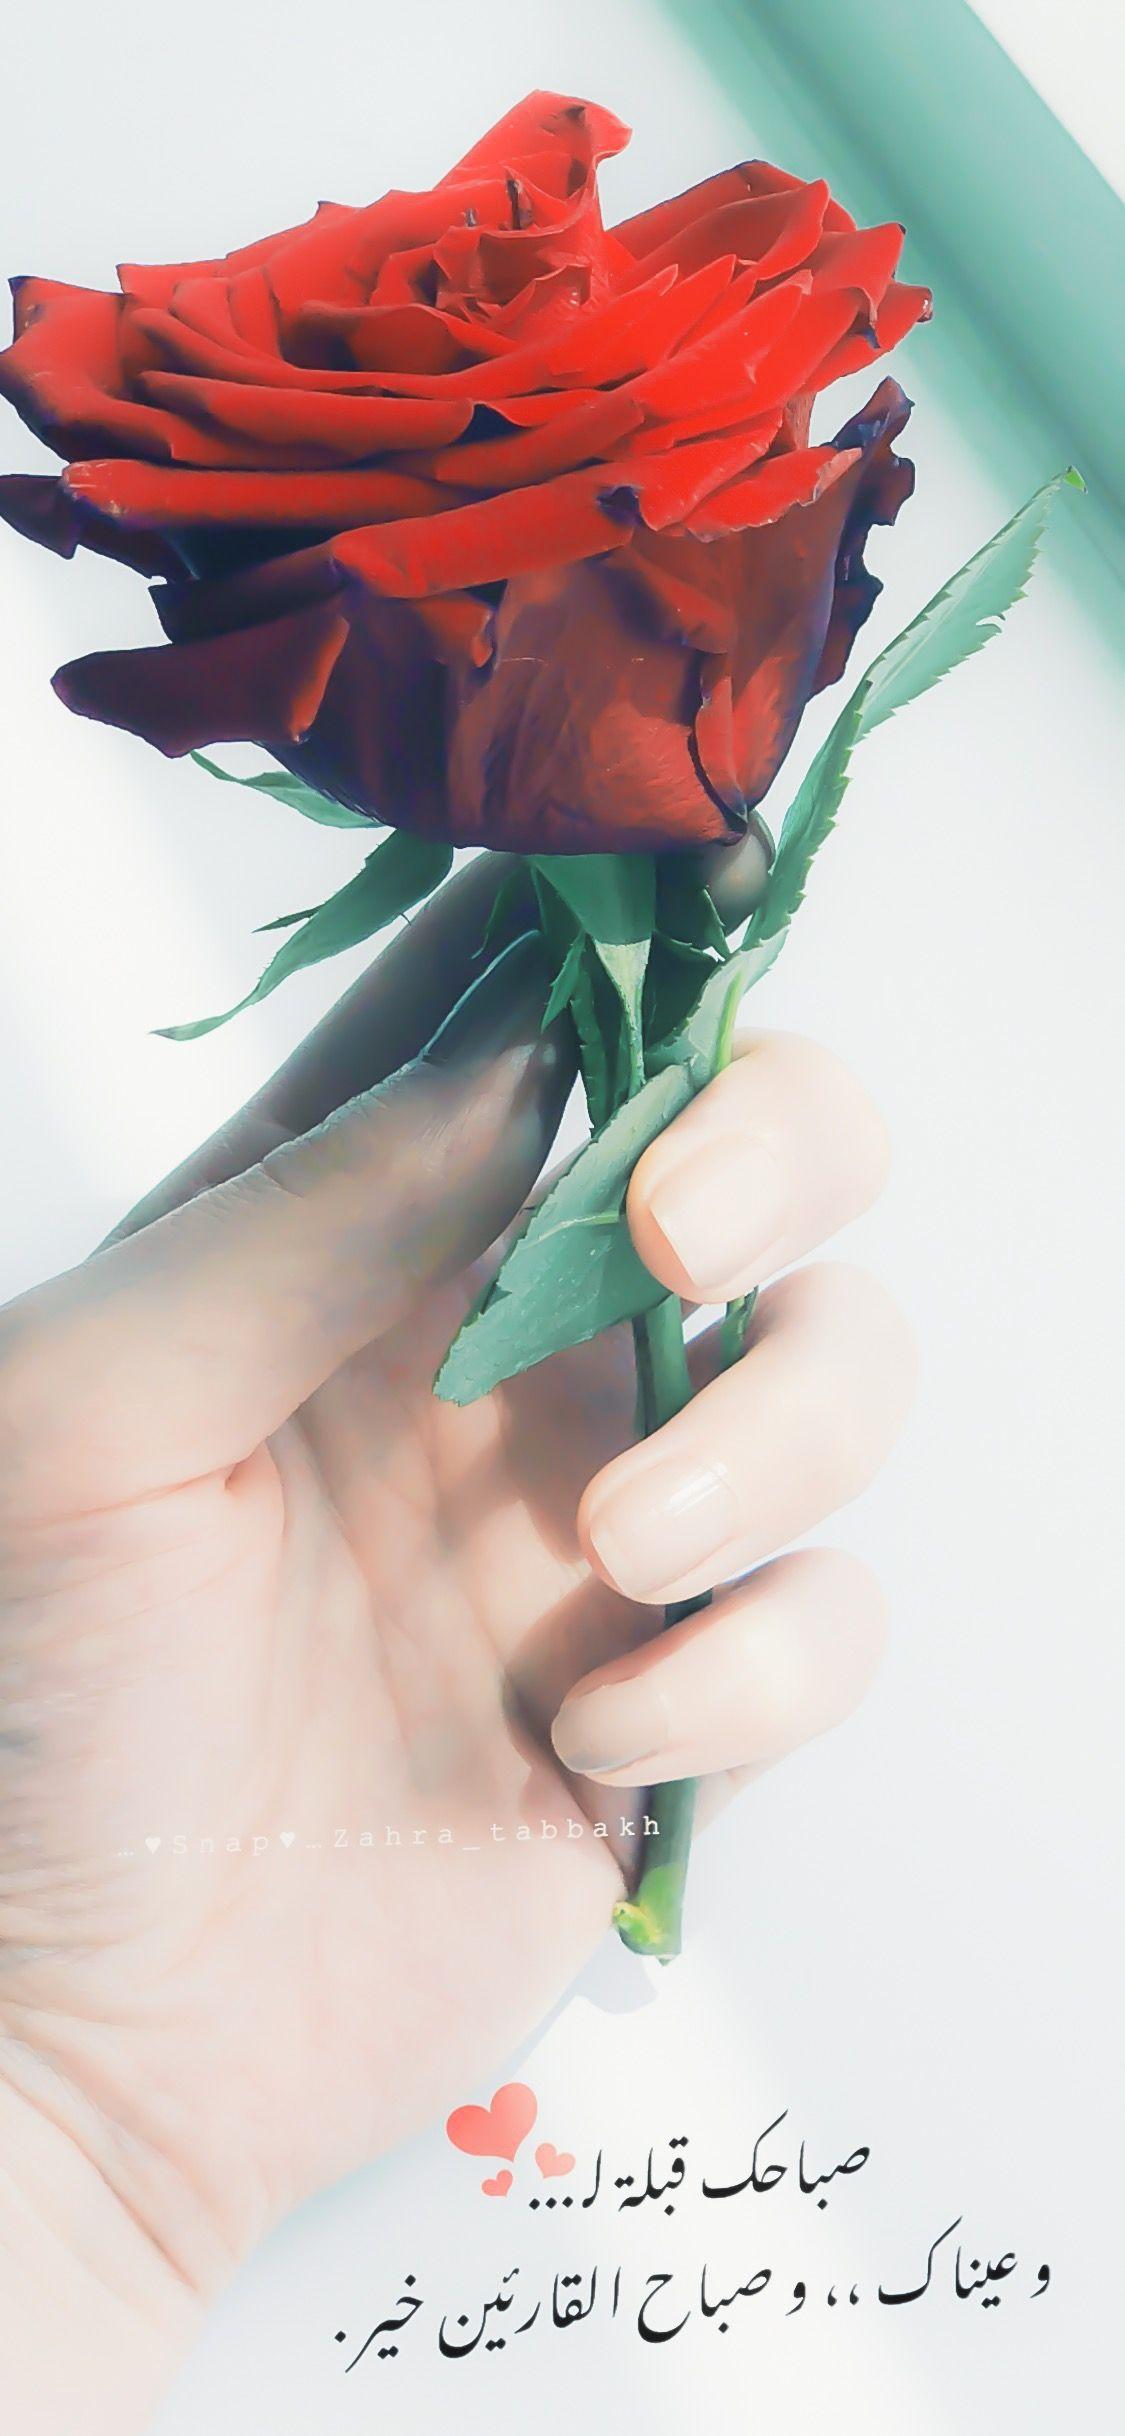 صباح الخير Beautiful Morning Messages Good Morning Romantic Good Morning Love